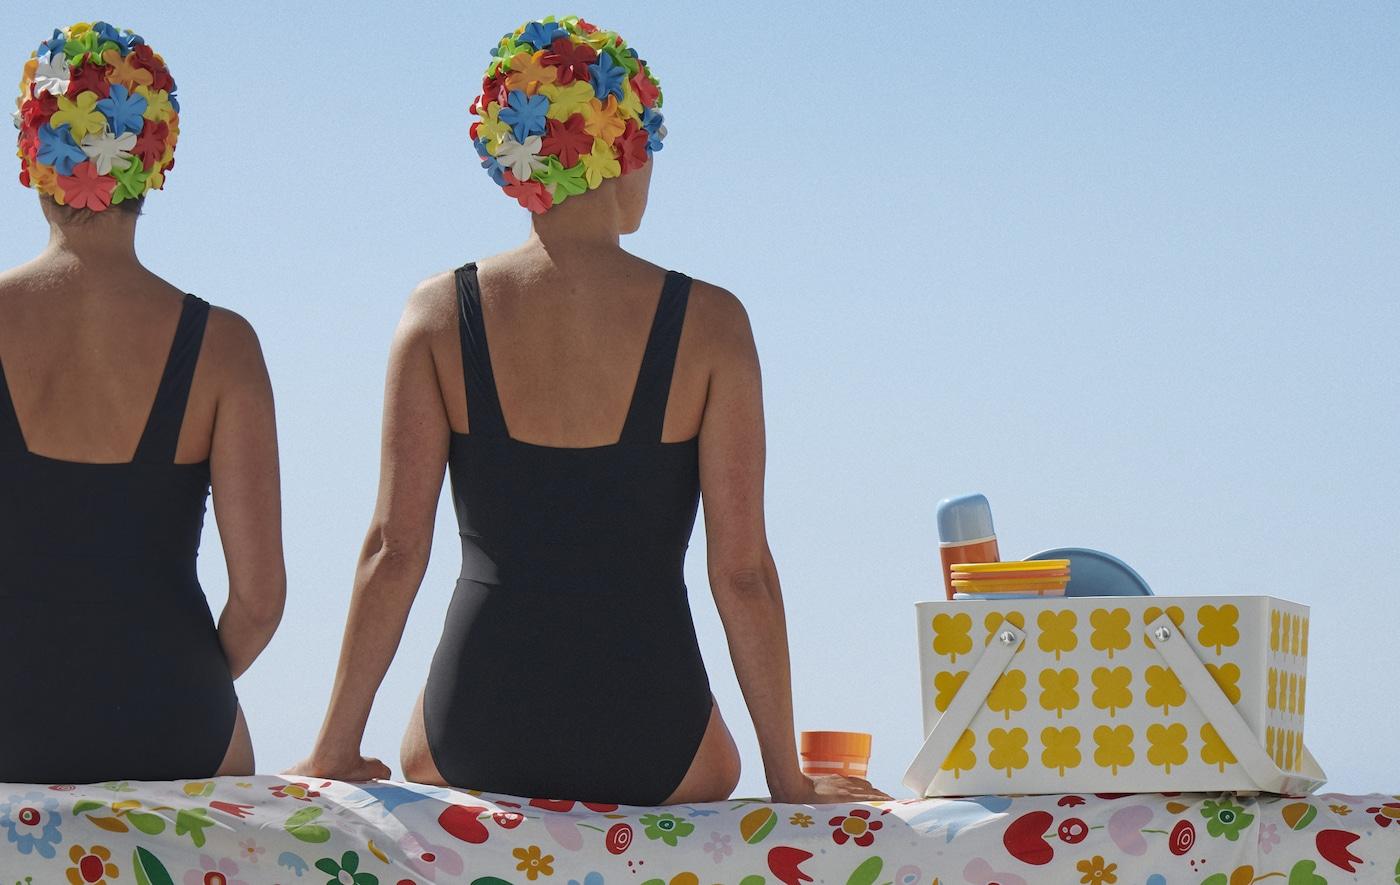 两个身着泳装的人坐在带图案的布料上,旁边是一个野餐盒。